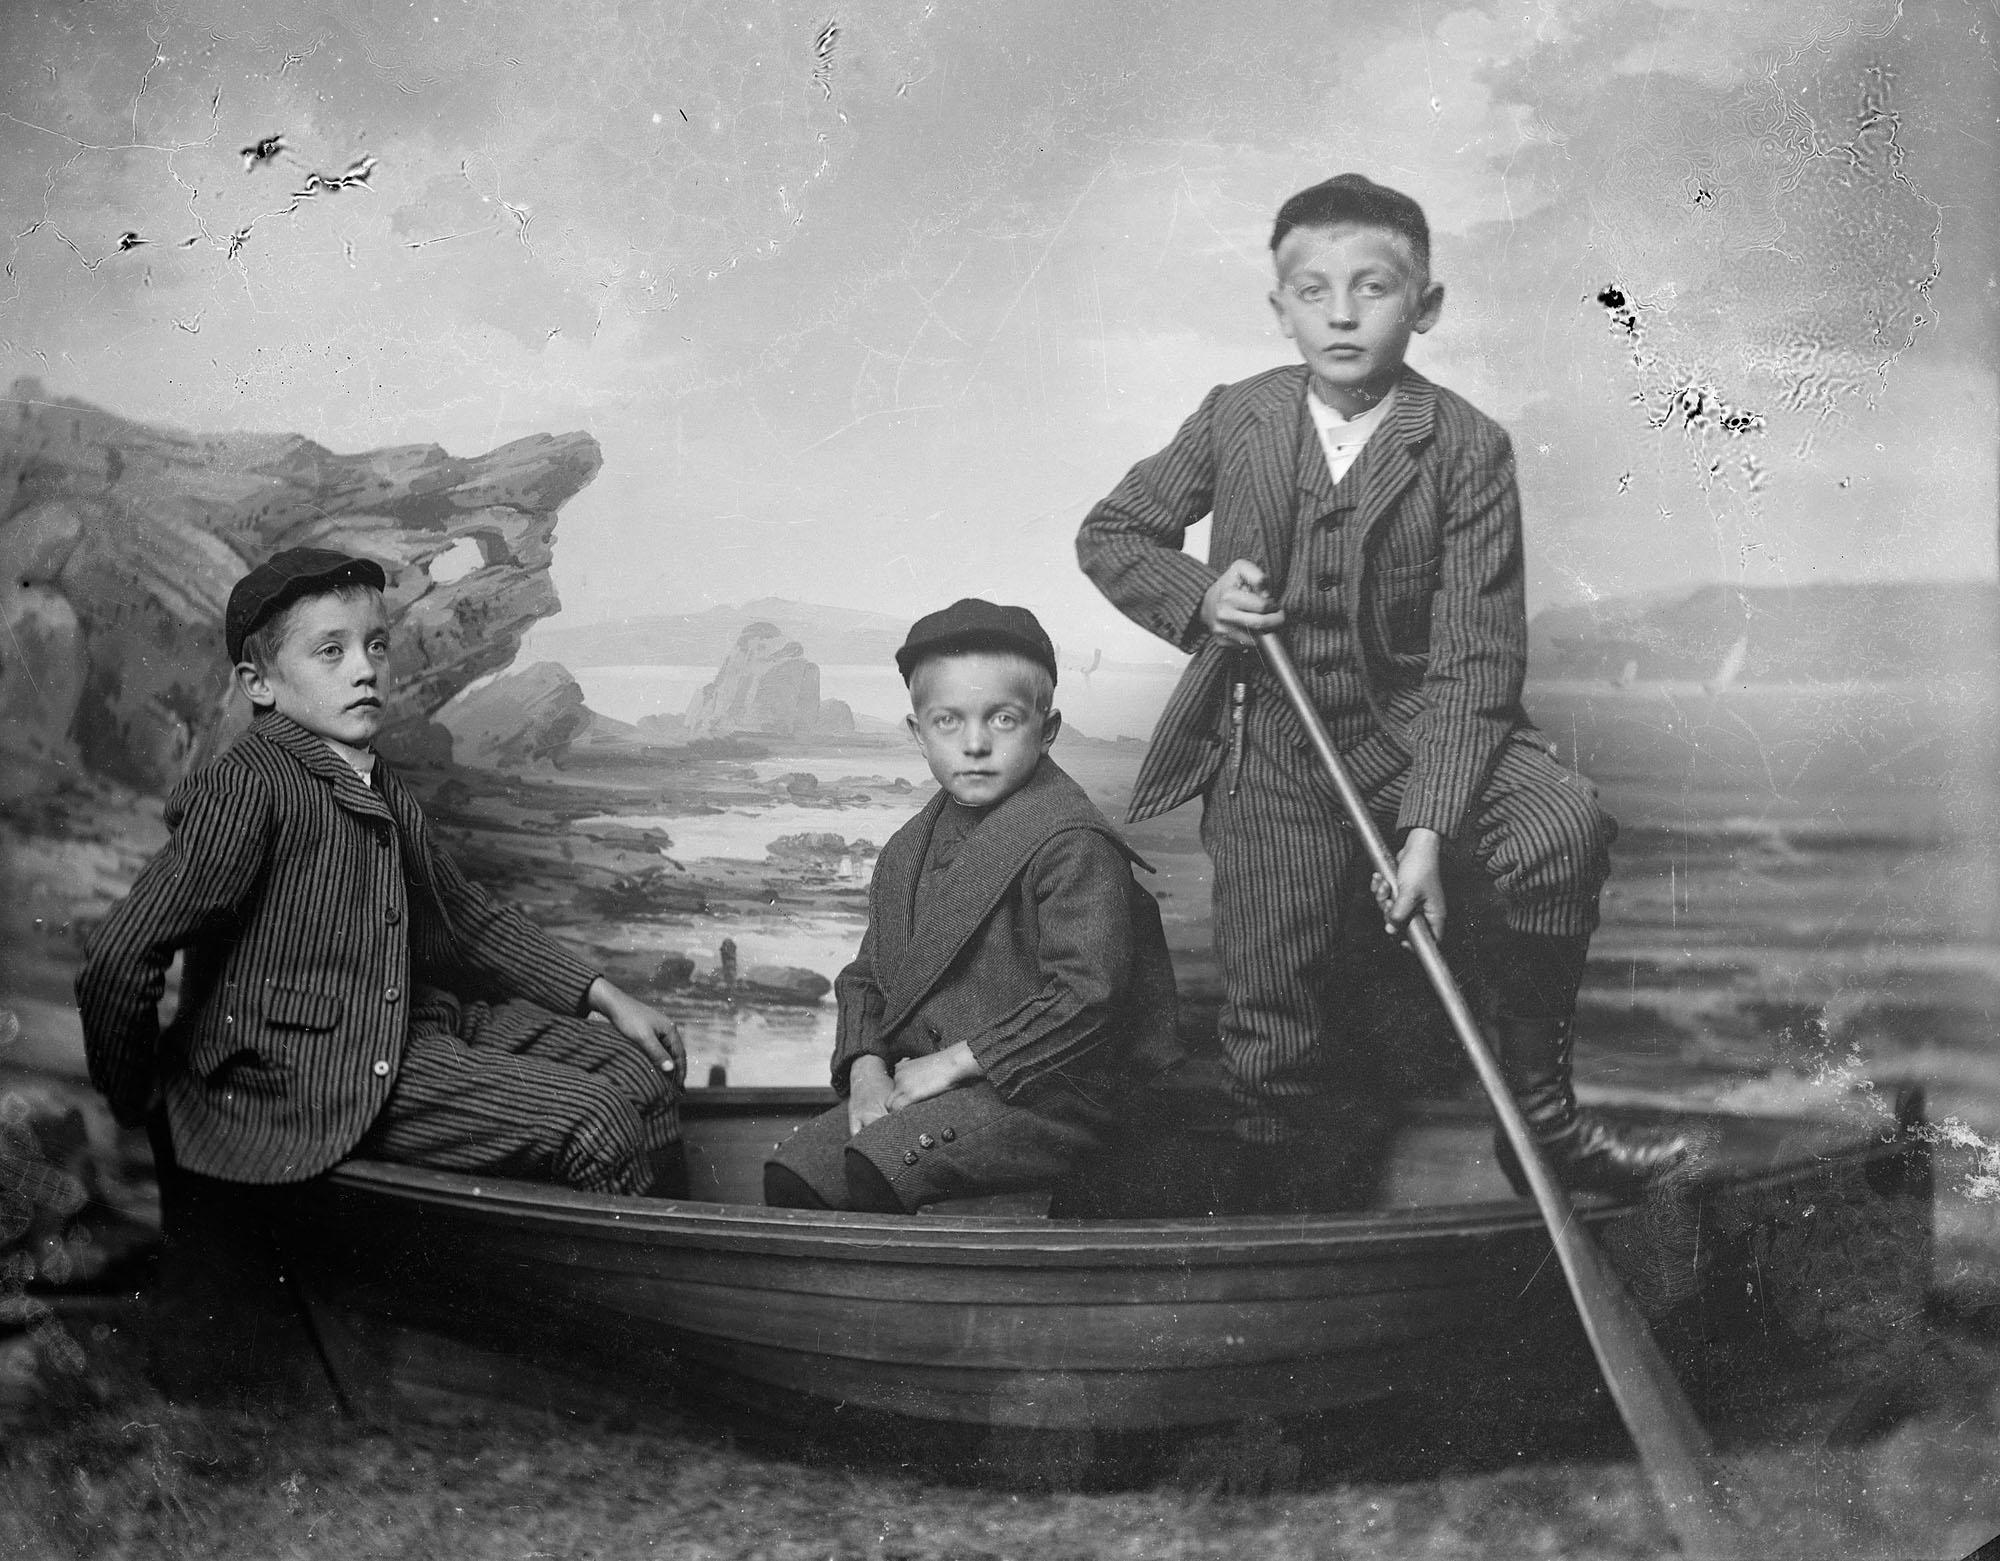 Sønnene til dampskipsekspeditør Jakob Fredrik de Rytter Hiorth og Kaja Sevaldsen Hiorth. Fra venstre: 1: Anders Sevaldsen Hiorth, 2: Thorald Schlytter Hiorth, 3: Jacob de Rytter Hiorth.